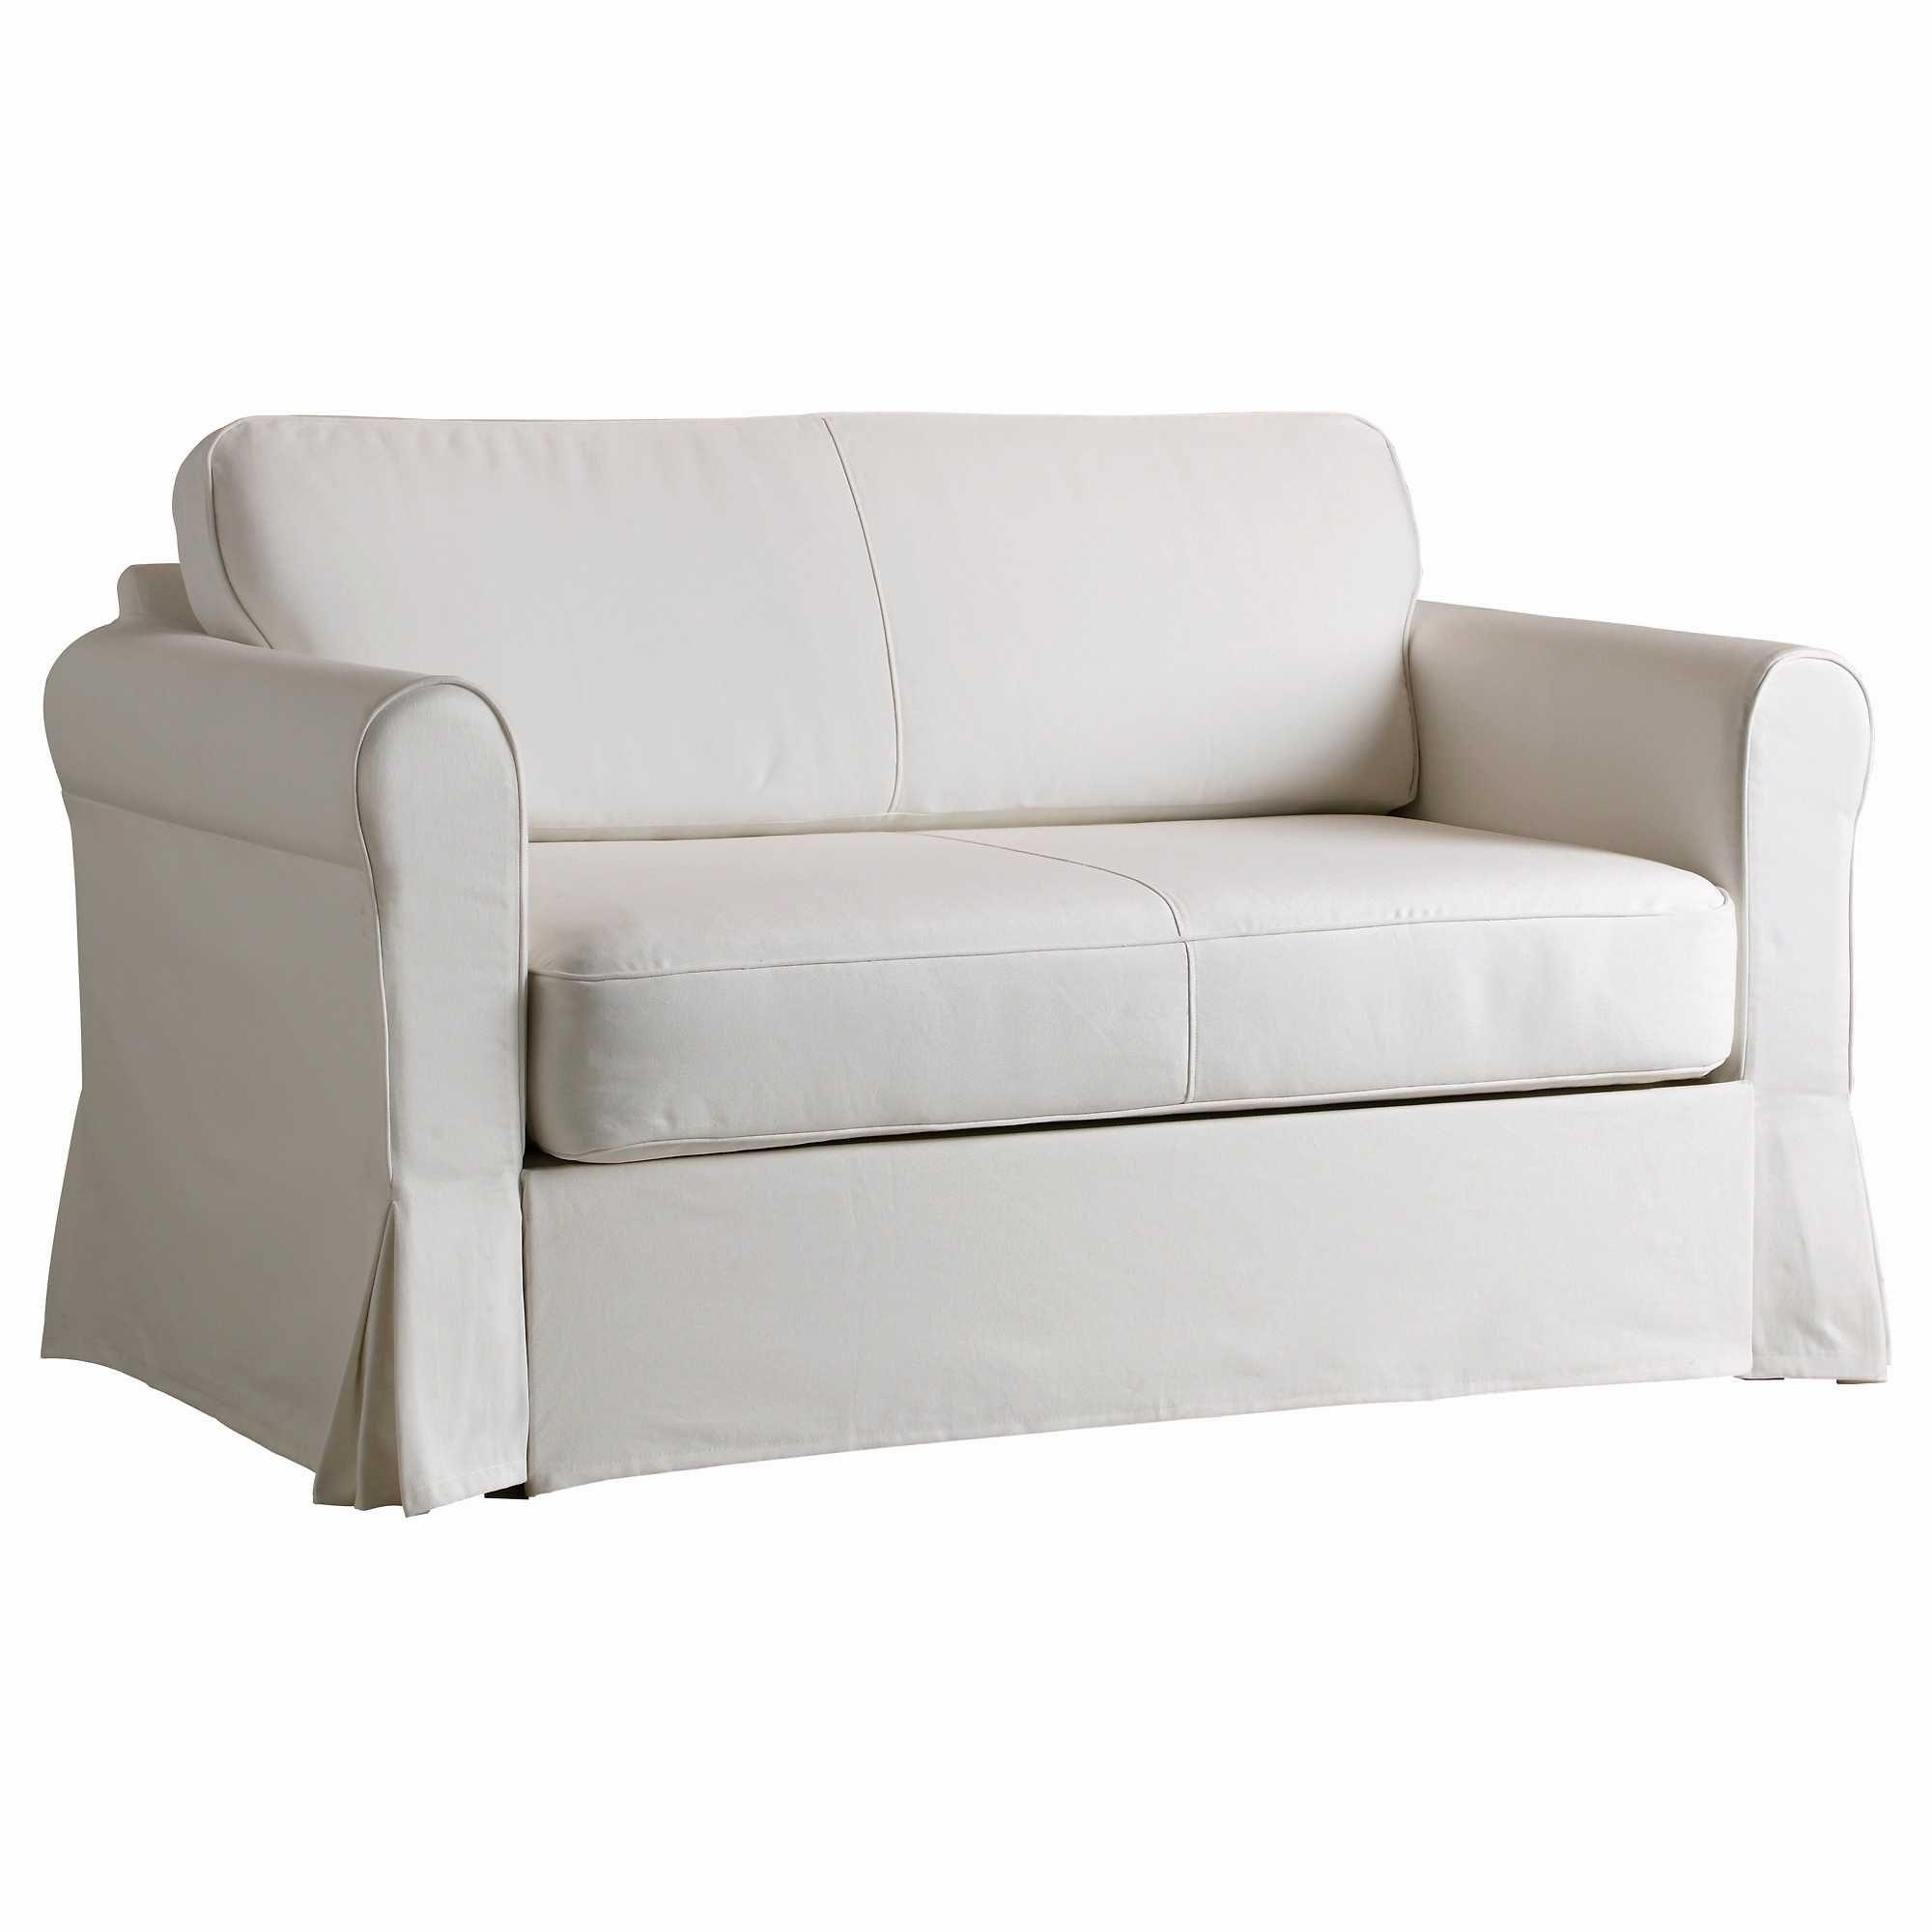 Canapé Lit Couchage Quotidien Ikea Belle Quel Canapé Convertible Pour Couchage Quoti N 32 De Luxes Canapé